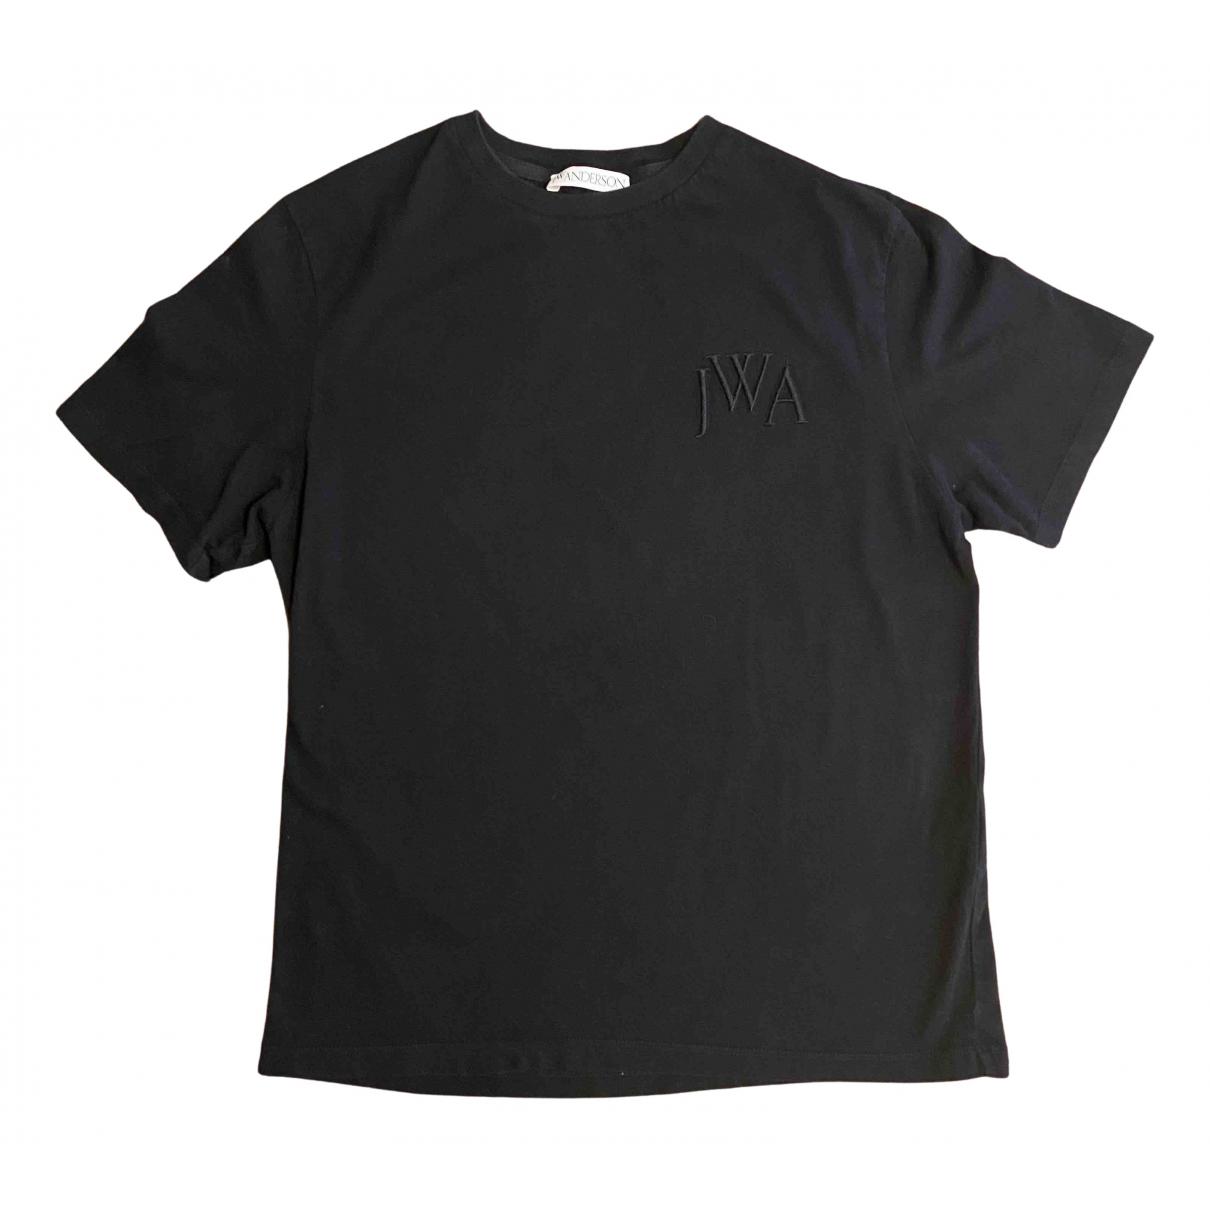 J.w. Anderson - Tee shirts   pour homme en coton - noir